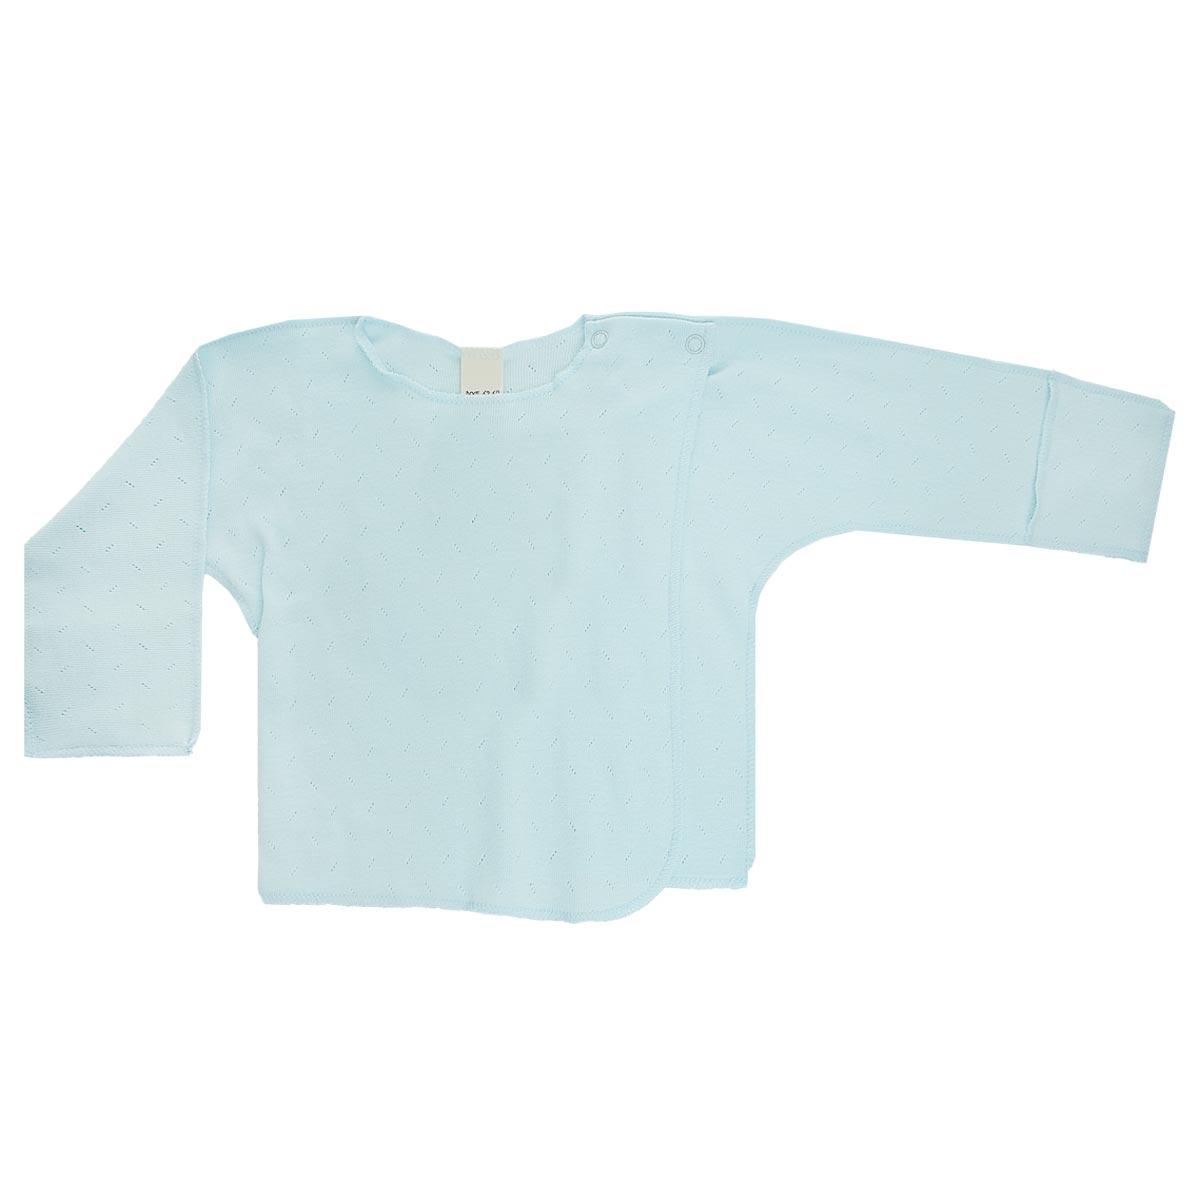 Распашонка Lucky Child Ажур цвет: голубой. 0-8. Размер 62/680-8Распашонка для новорожденного Lucky Child Ажур с длинными рукавами послужит идеальным дополнением к гардеробу вашего малыша, обеспечивая ему наибольший комфорт. Распашонка изготовлена из натурального хлопка, благодаря чему она необычайно мягкая и легкая, не раздражает нежную кожу ребенка и хорошо вентилируется, а эластичные швы приятны телу малыша и не препятствуют его движениям.Распашонка-кимоно для новорожденного, выполненная швами наружу, и украшенная ажурным узором, имеет кнопки по плечу, которые помогают с легкостью переодеть малыша. А благодаря рукавичкам ребенок не поцарапает себя. Ручки могут быть как открытыми, так и закрытыми. Распашонка полностью соответствует особенностям жизни ребенка в ранний период, не стесняя и не ограничивая его в движениях. В ней ваш малыш всегда будет в центре внимания.